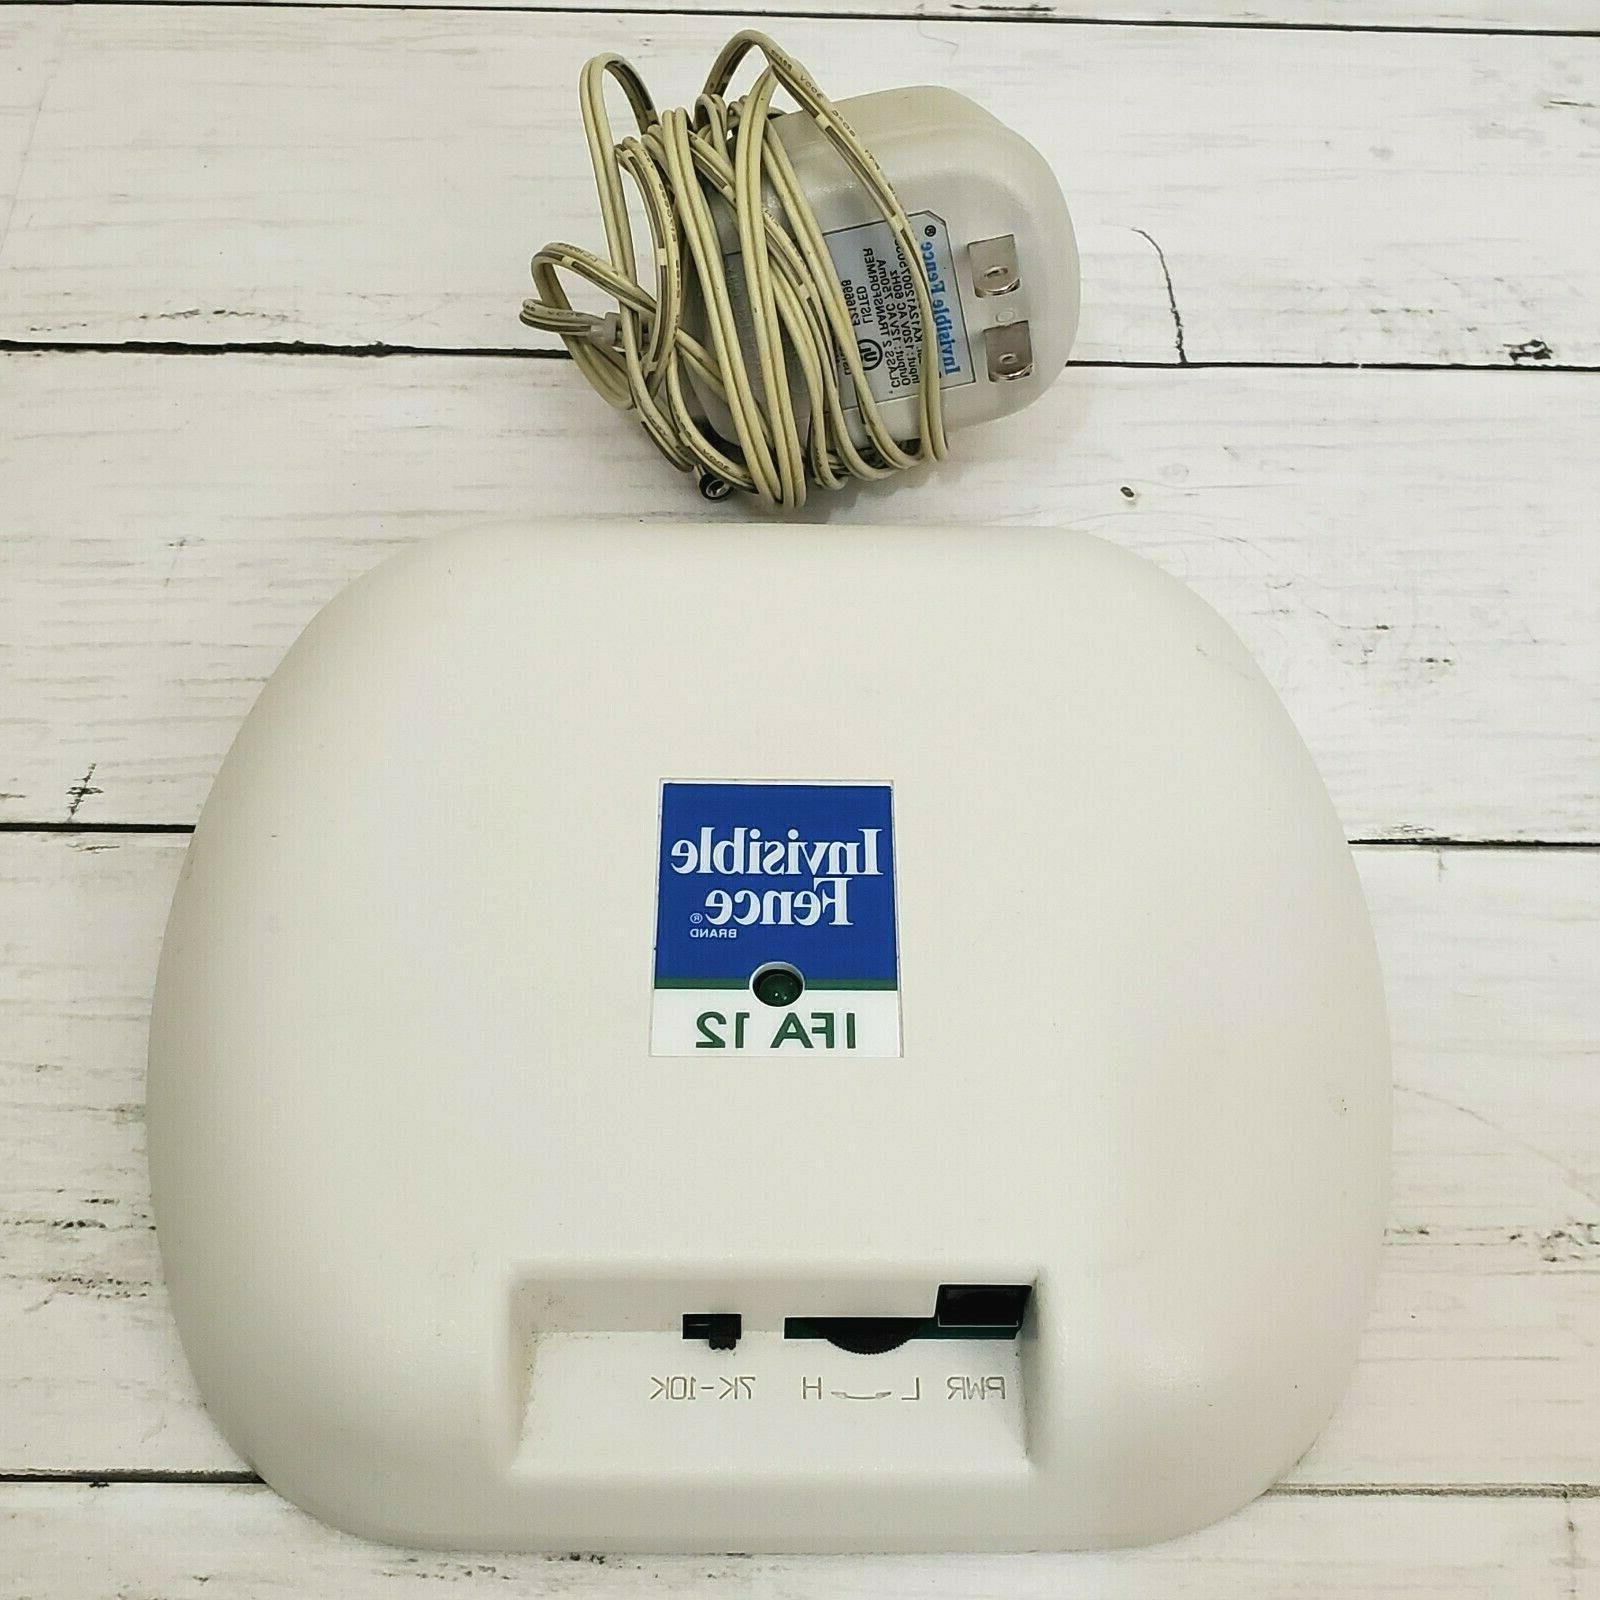 ifa 12 indoor wireless dog avoidance transmitter